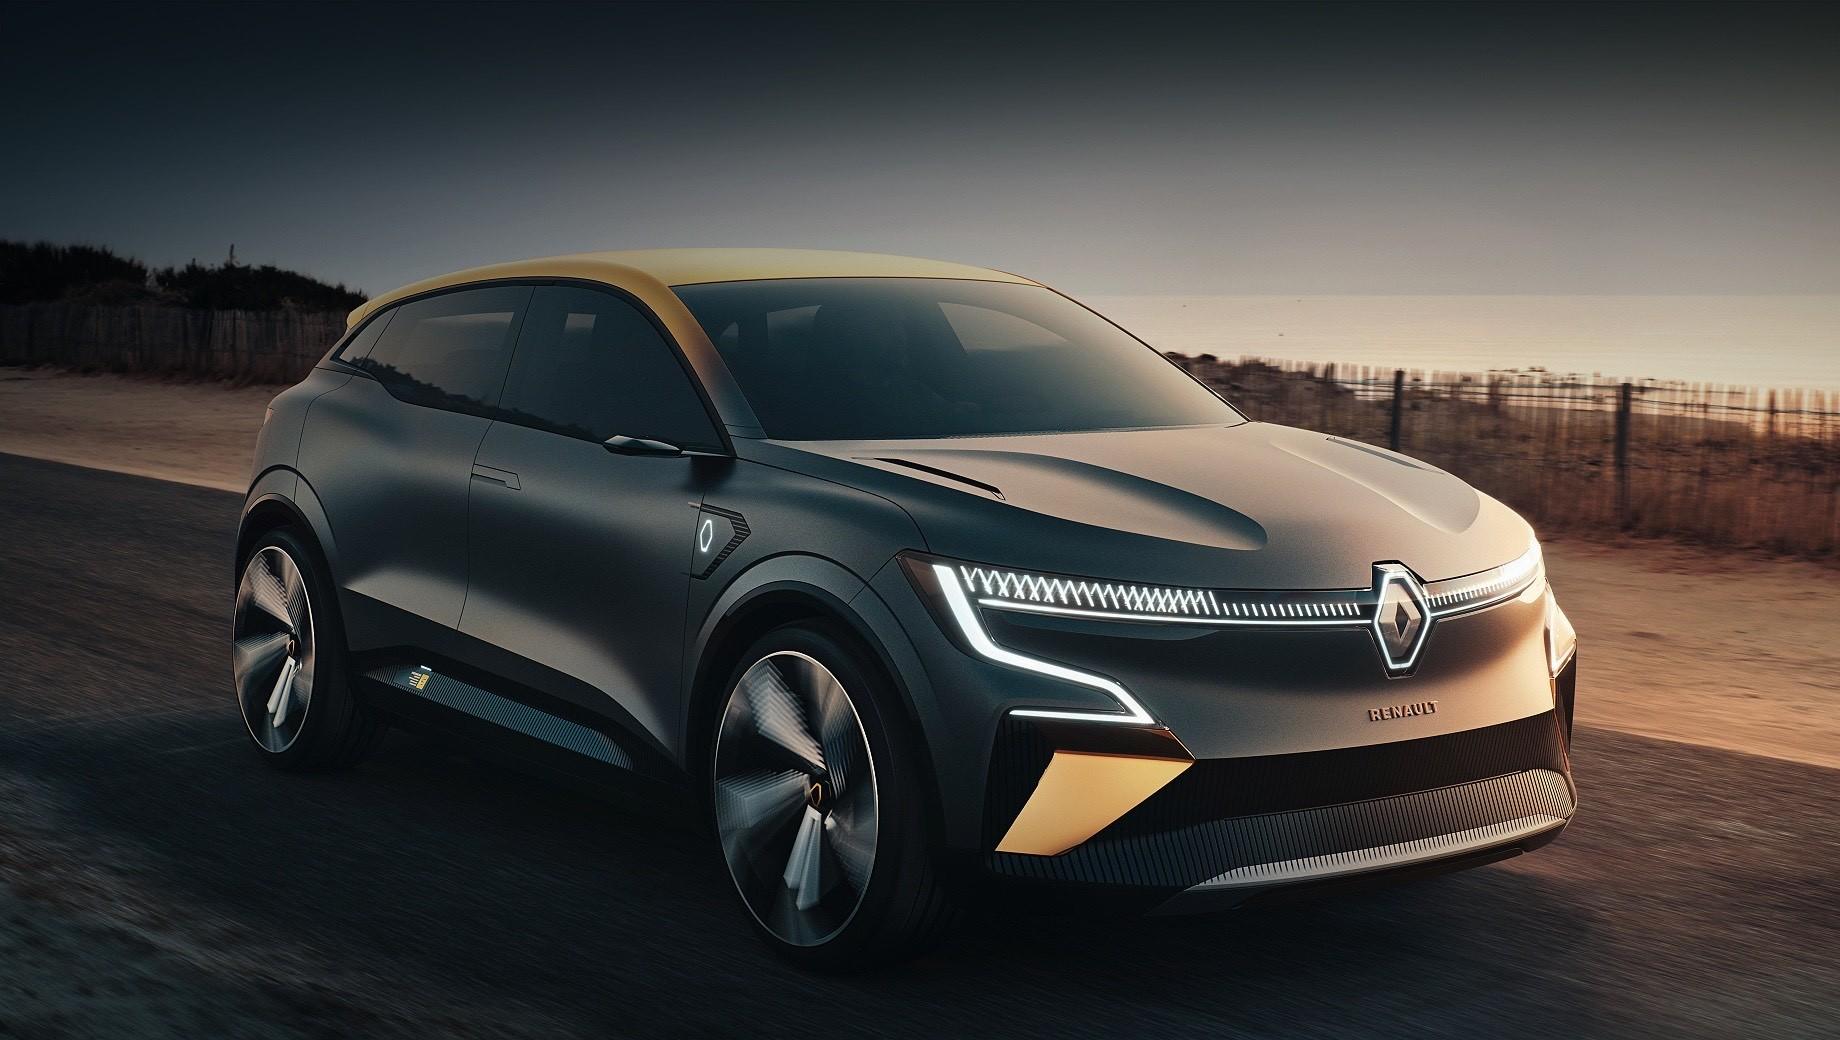 Renault megane,Renault megane evision. По словам Луки де Мео, Renault Megane eVision — попытка изобрести заново классический хэтчбек. А ещё глава французской компании добавил, что концепт — это на 95% серийная модель. Её дебют и производство намечены на начало 2021 года.